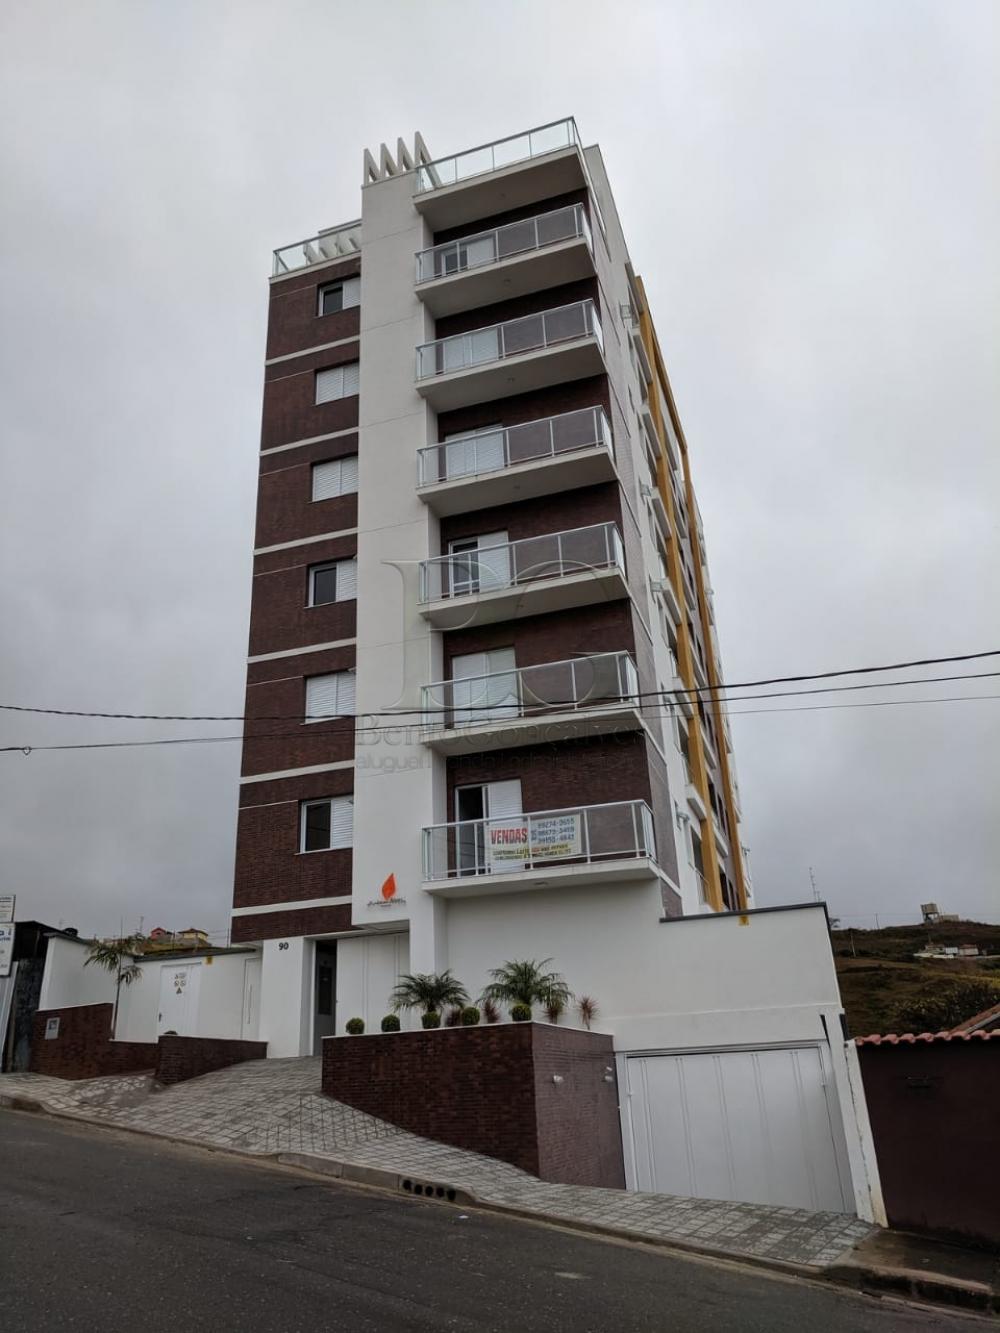 Comprar Apartamentos / Padrão em Poços de Caldas apenas R$ 225.000,00 - Foto 1